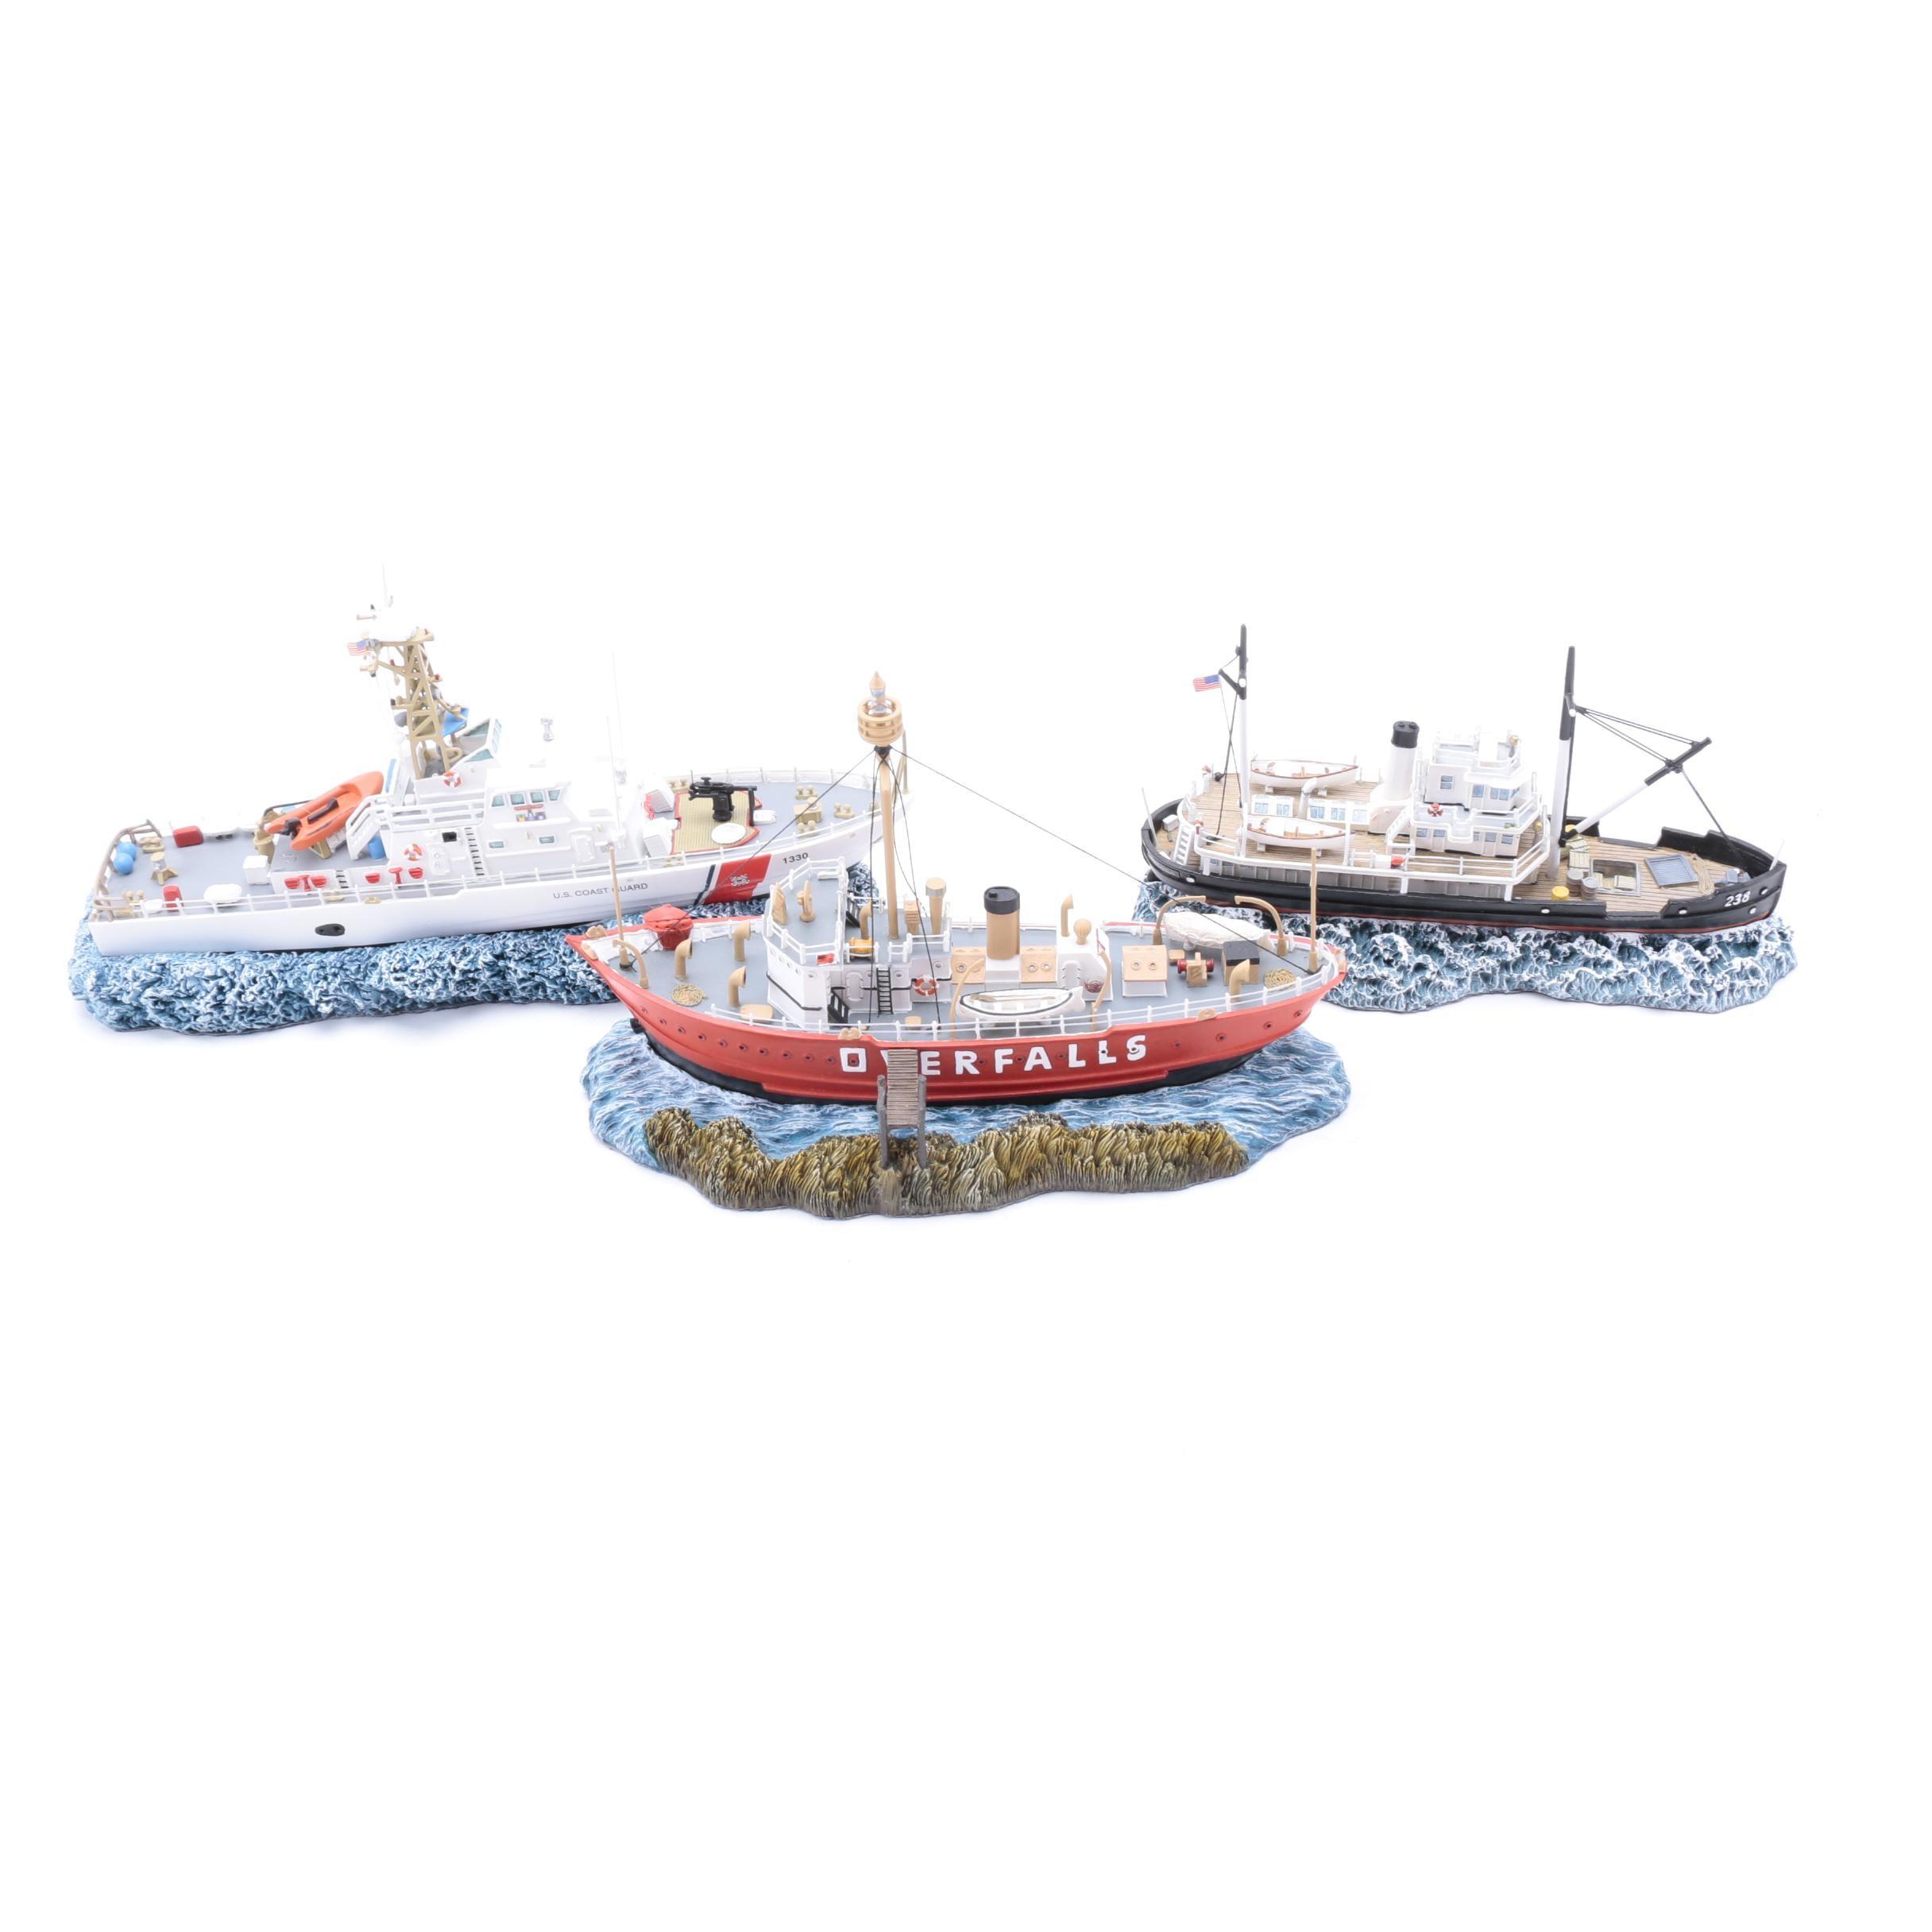 Anchor Bay Limited Edition Ship Models